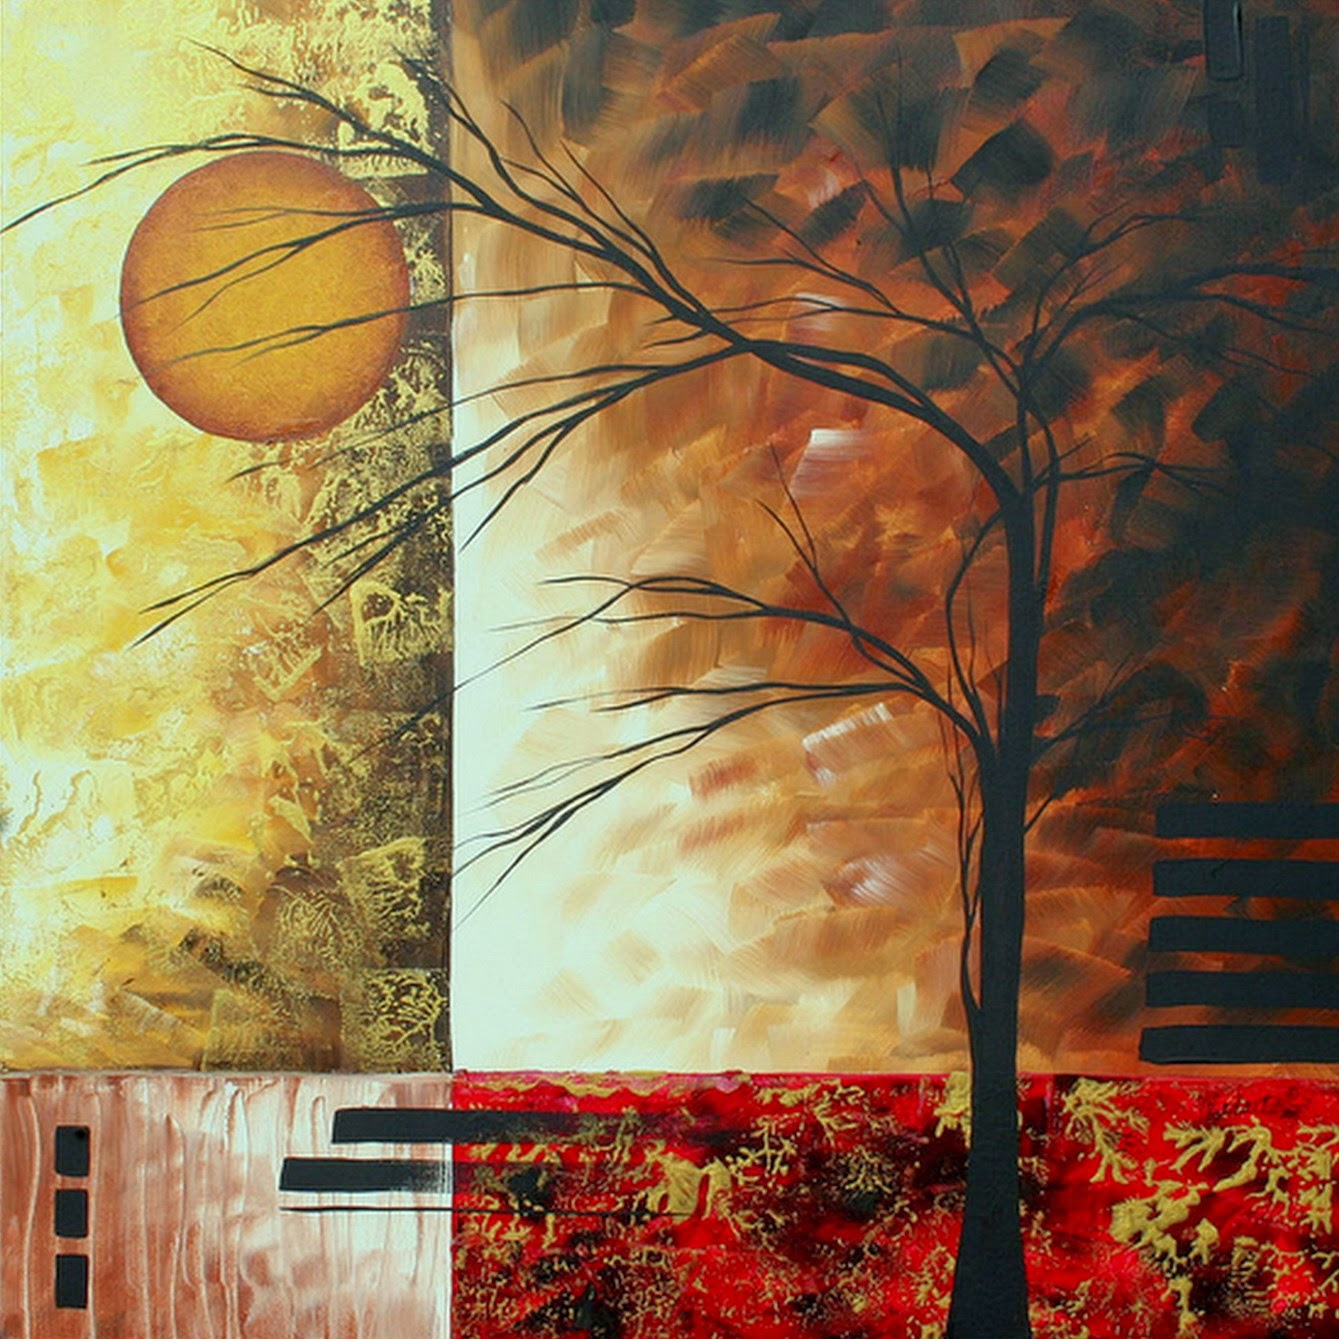 Pinturas cuadros lienzos arte minimalista pinturas en - Pinturas acrilicas modernas ...